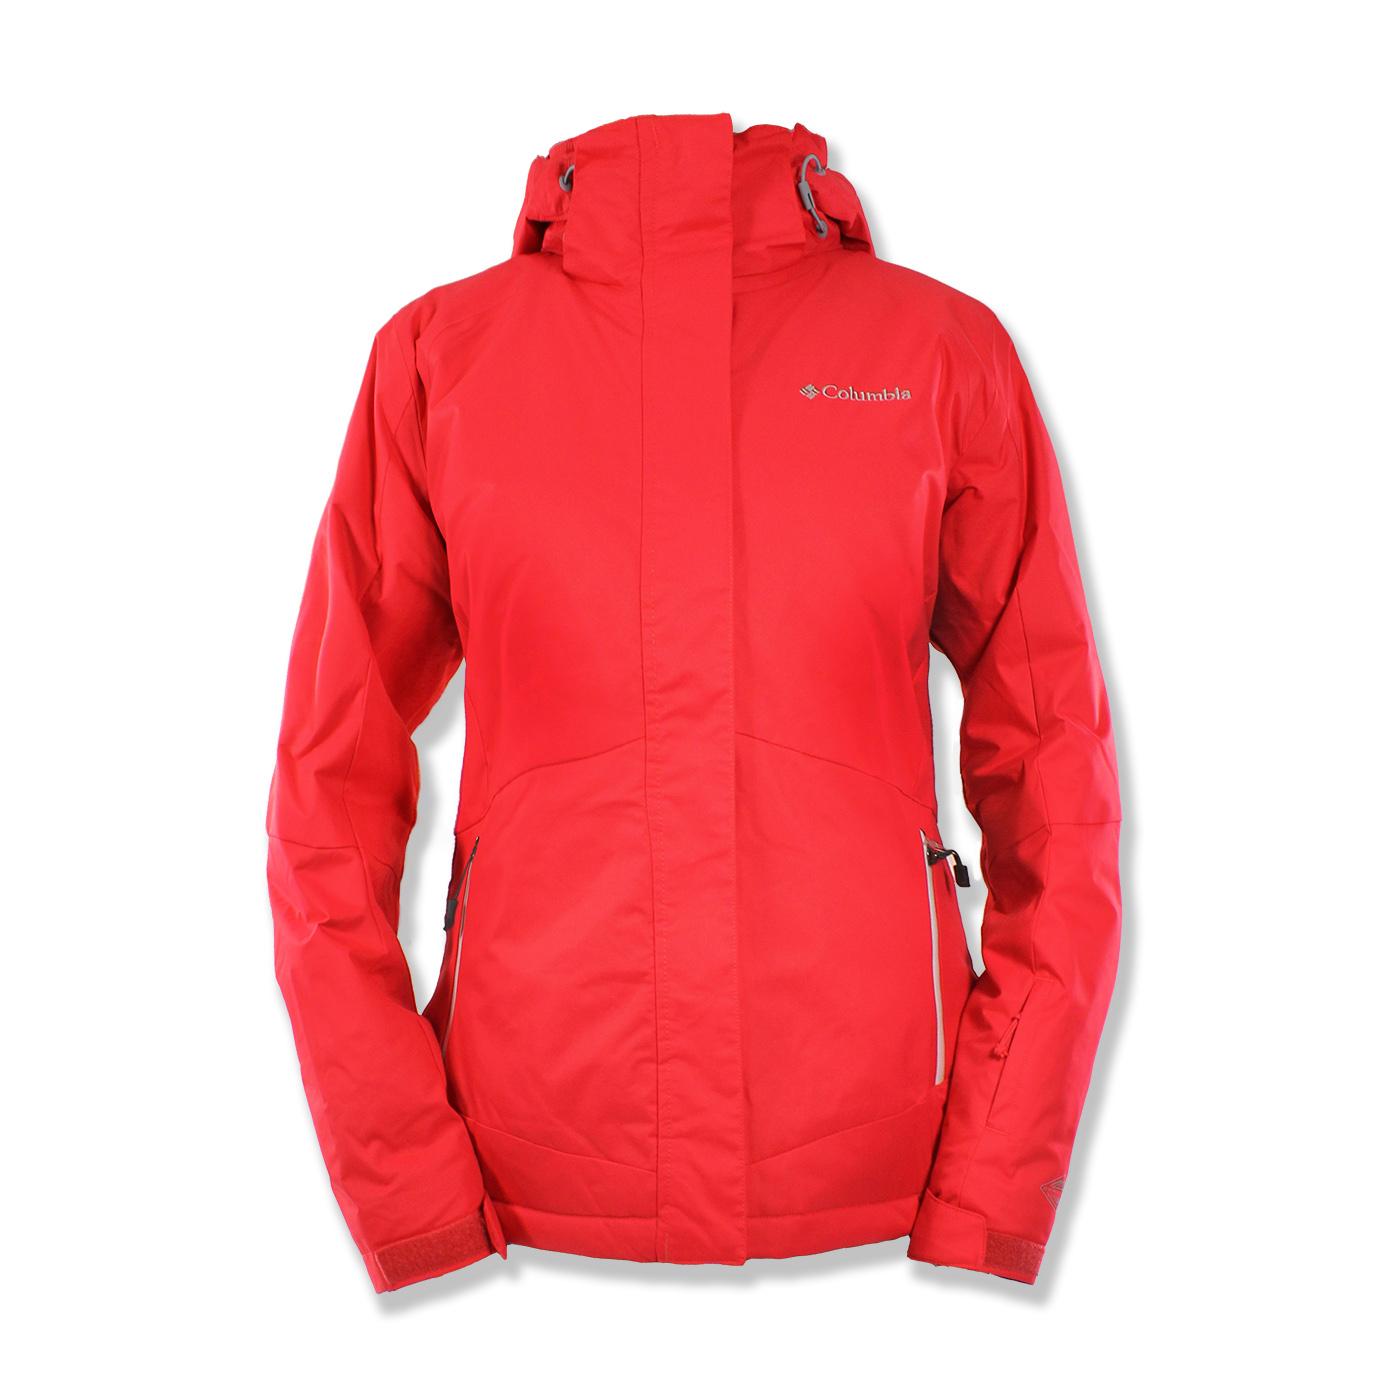 美國百分百【全新真品】Columbia 外套 夾克 連帽外套 哥倫比亞 兩件式 防水 發熱 紅色 女 S M號 F778